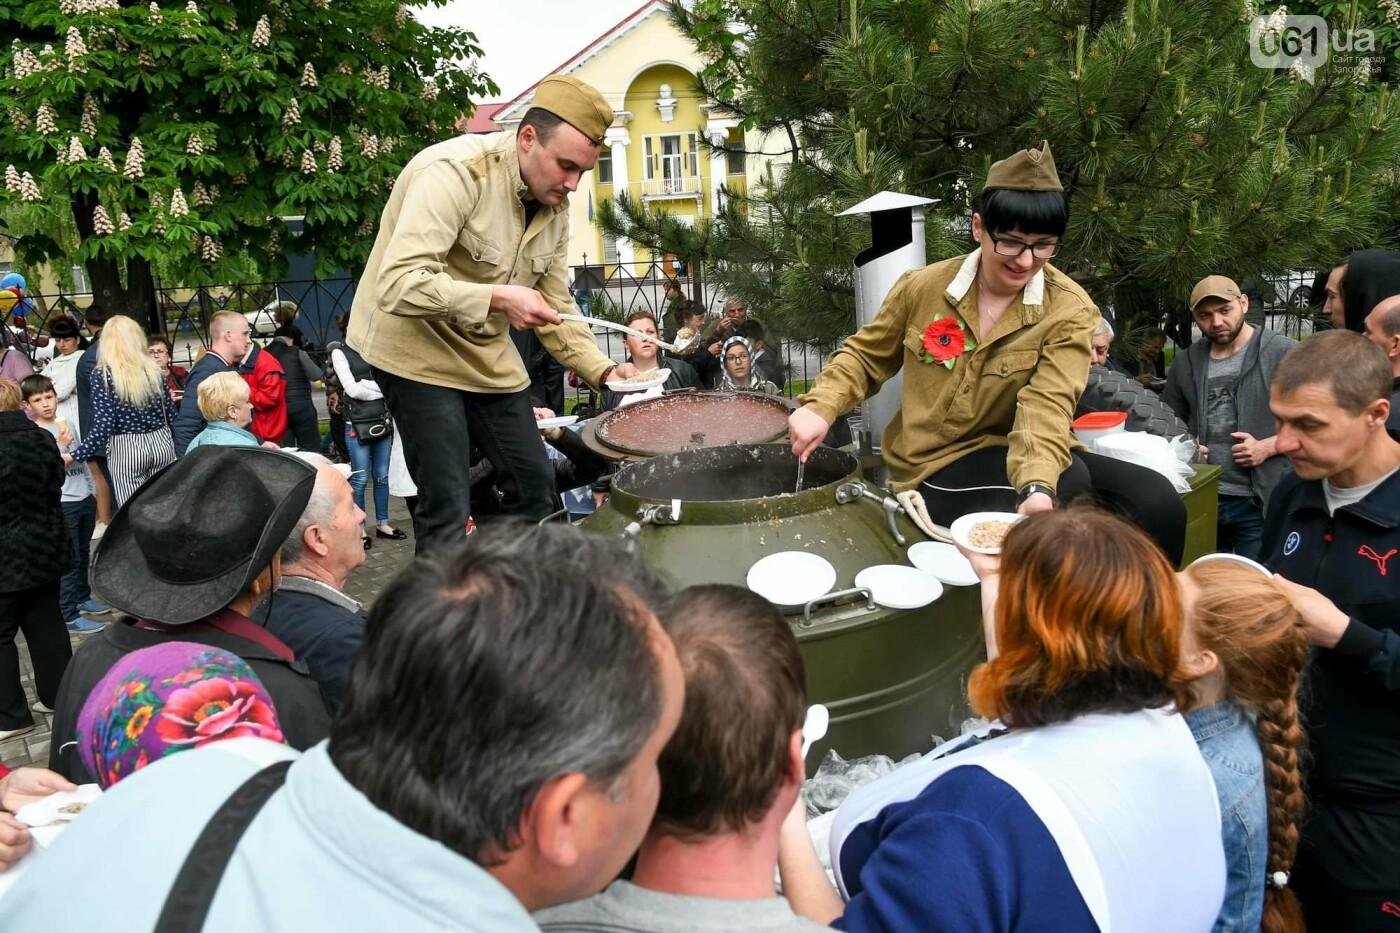 """Богуслаев на """"Победе"""", полевая кухня и концерт: в Запорожье в парке Климова проходят гуляния, - ФОТОРЕПОРТАЖ, фото-18"""